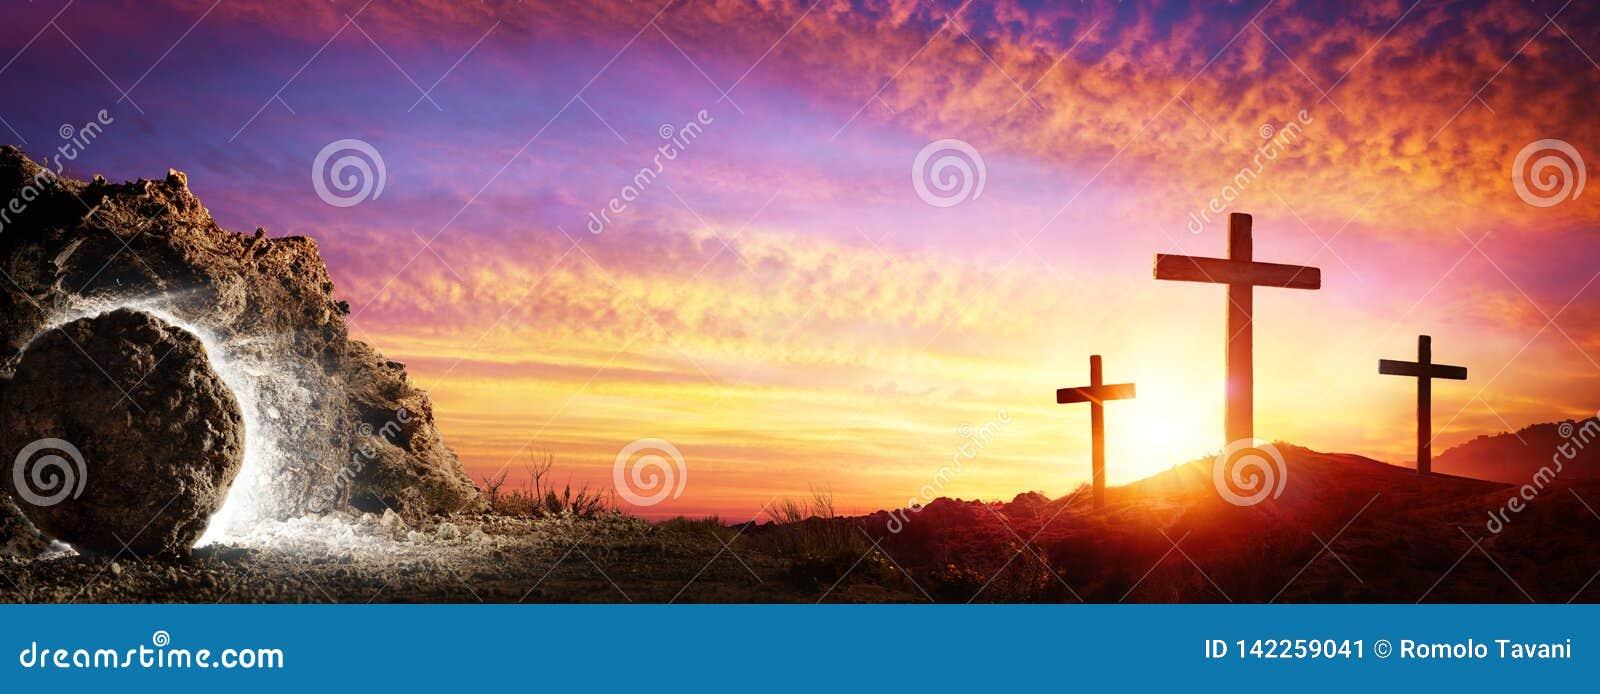 Résurrection - tombe vide avec la crucifixion